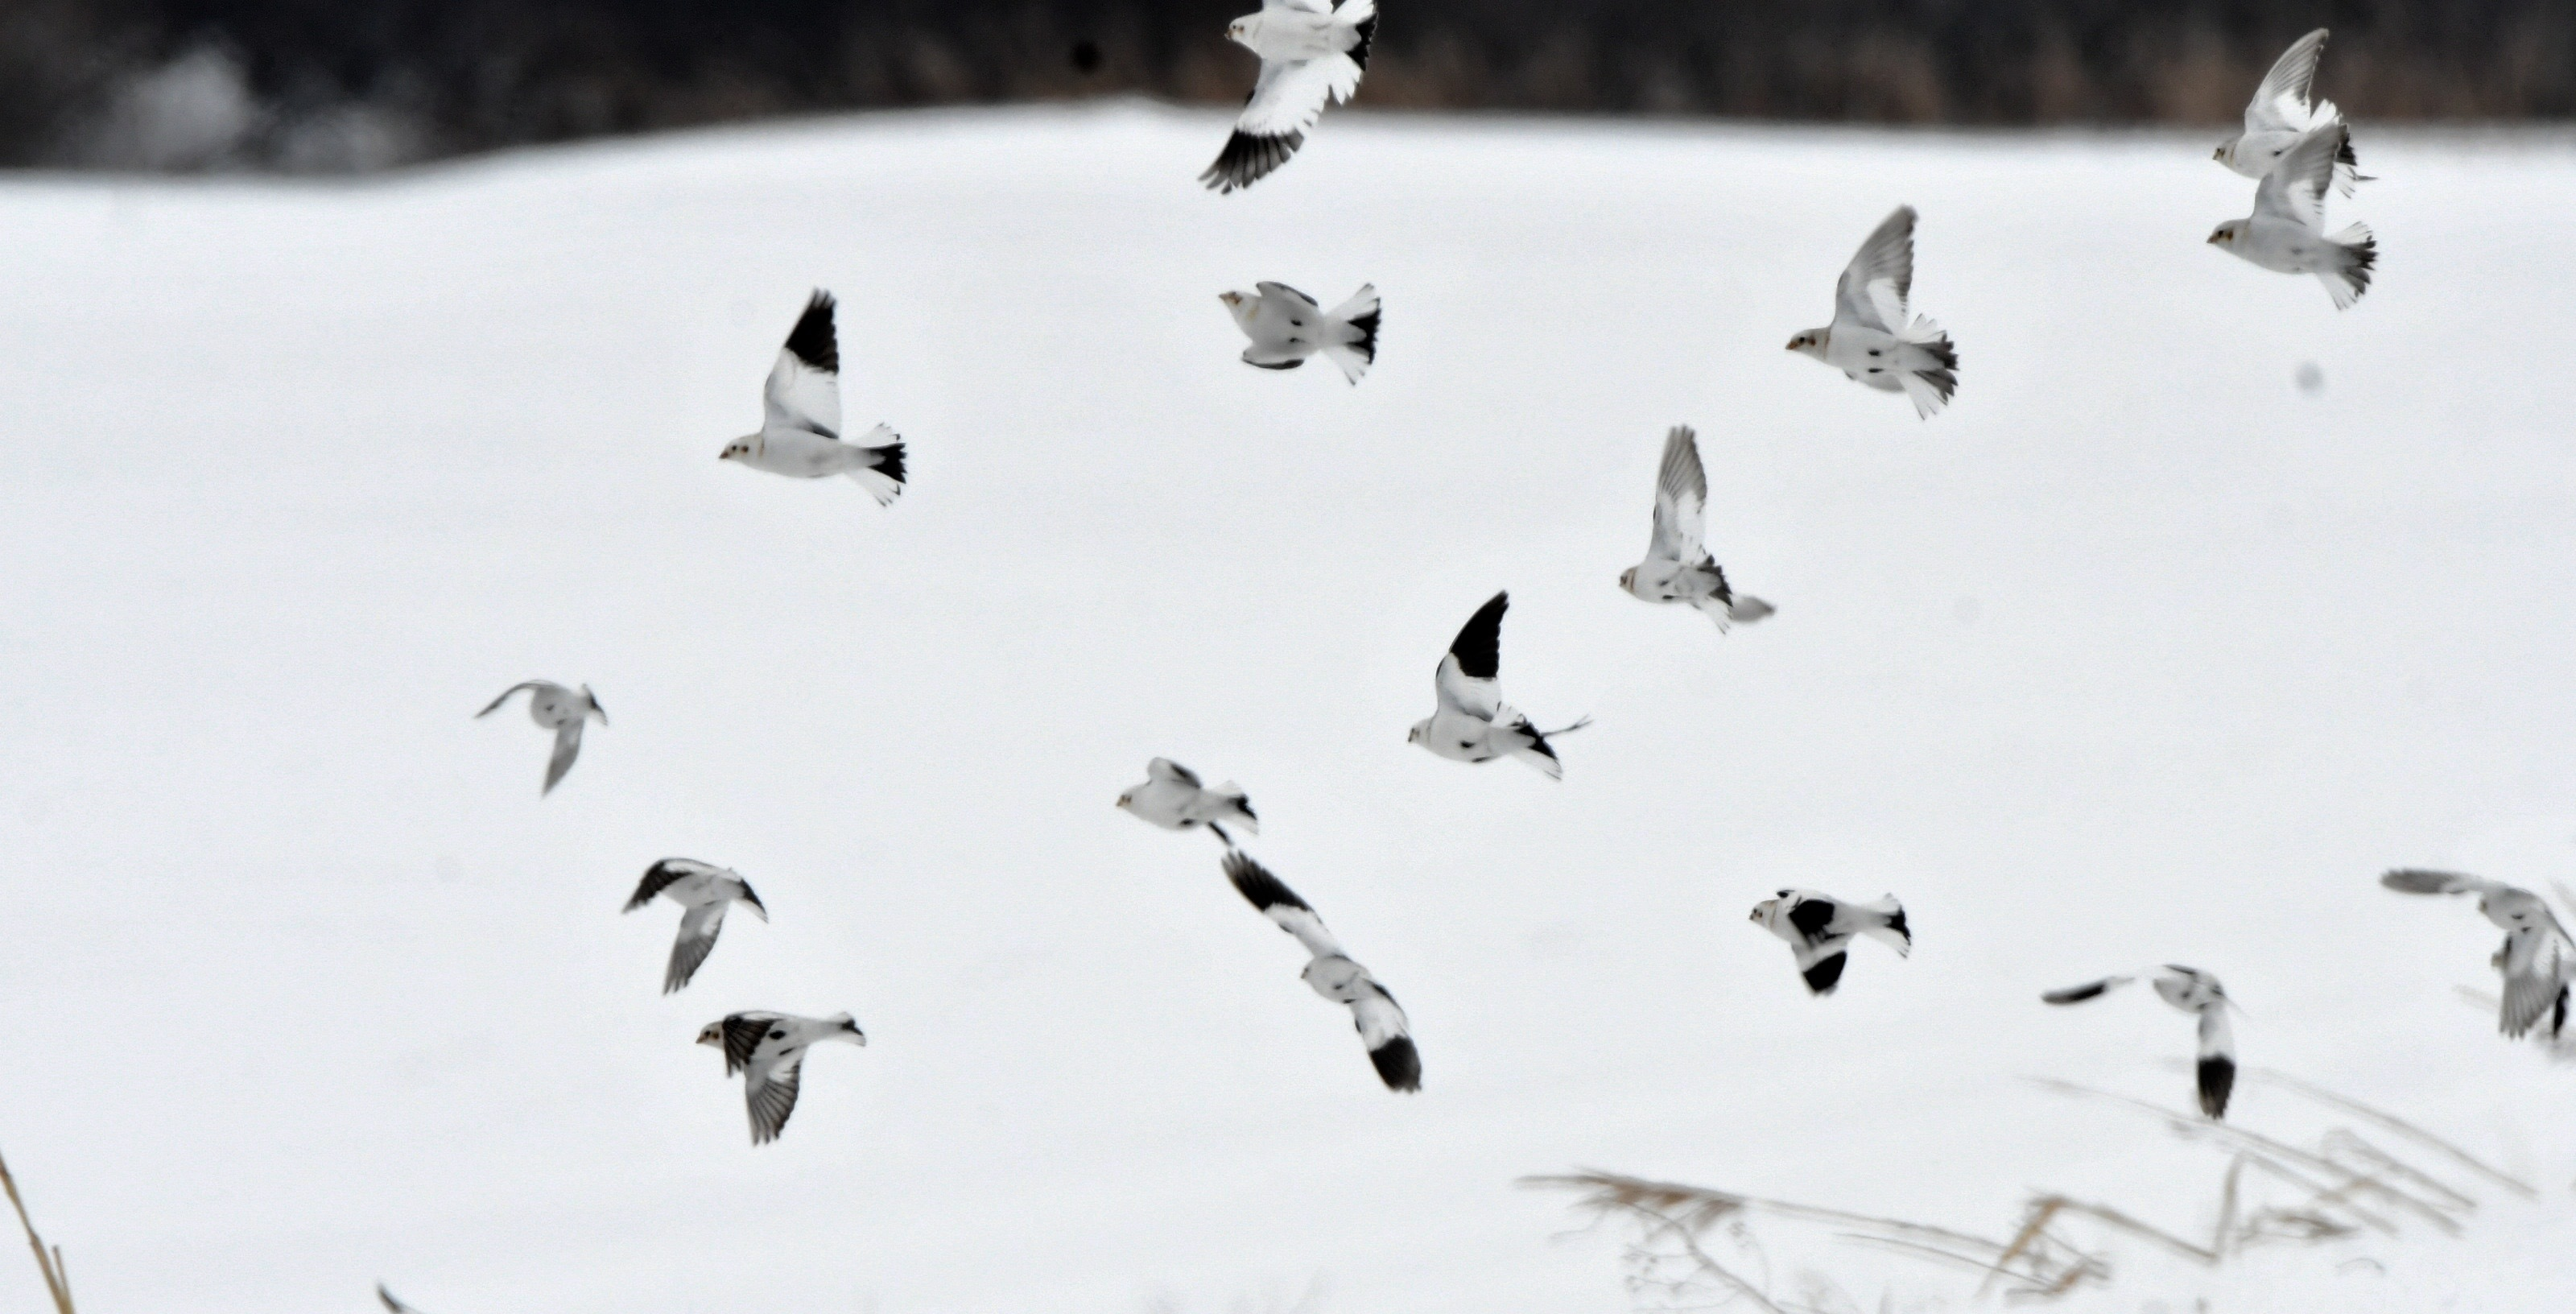 ユキホオジロ群れ飛翔2